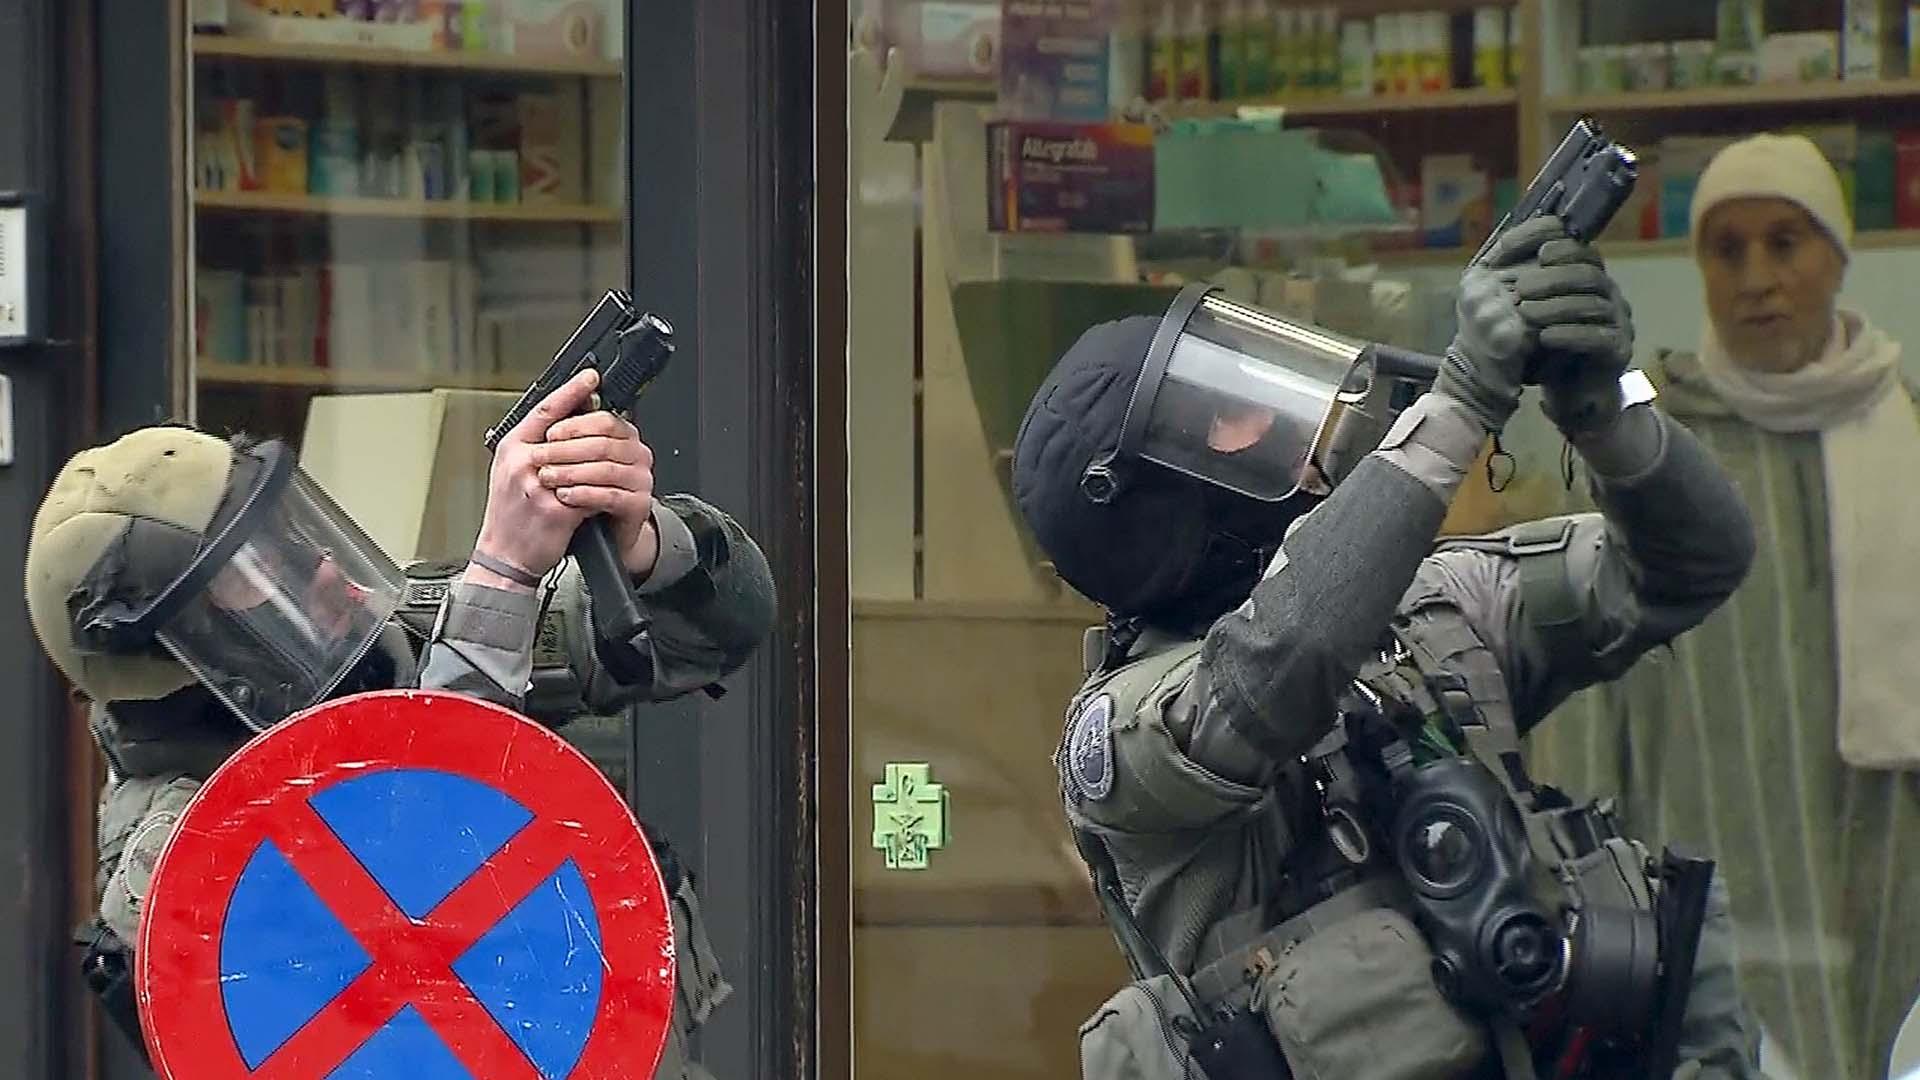 El sujeto es uno de los principales sospechosos de los atentados terroristas en París más buscados de Europa